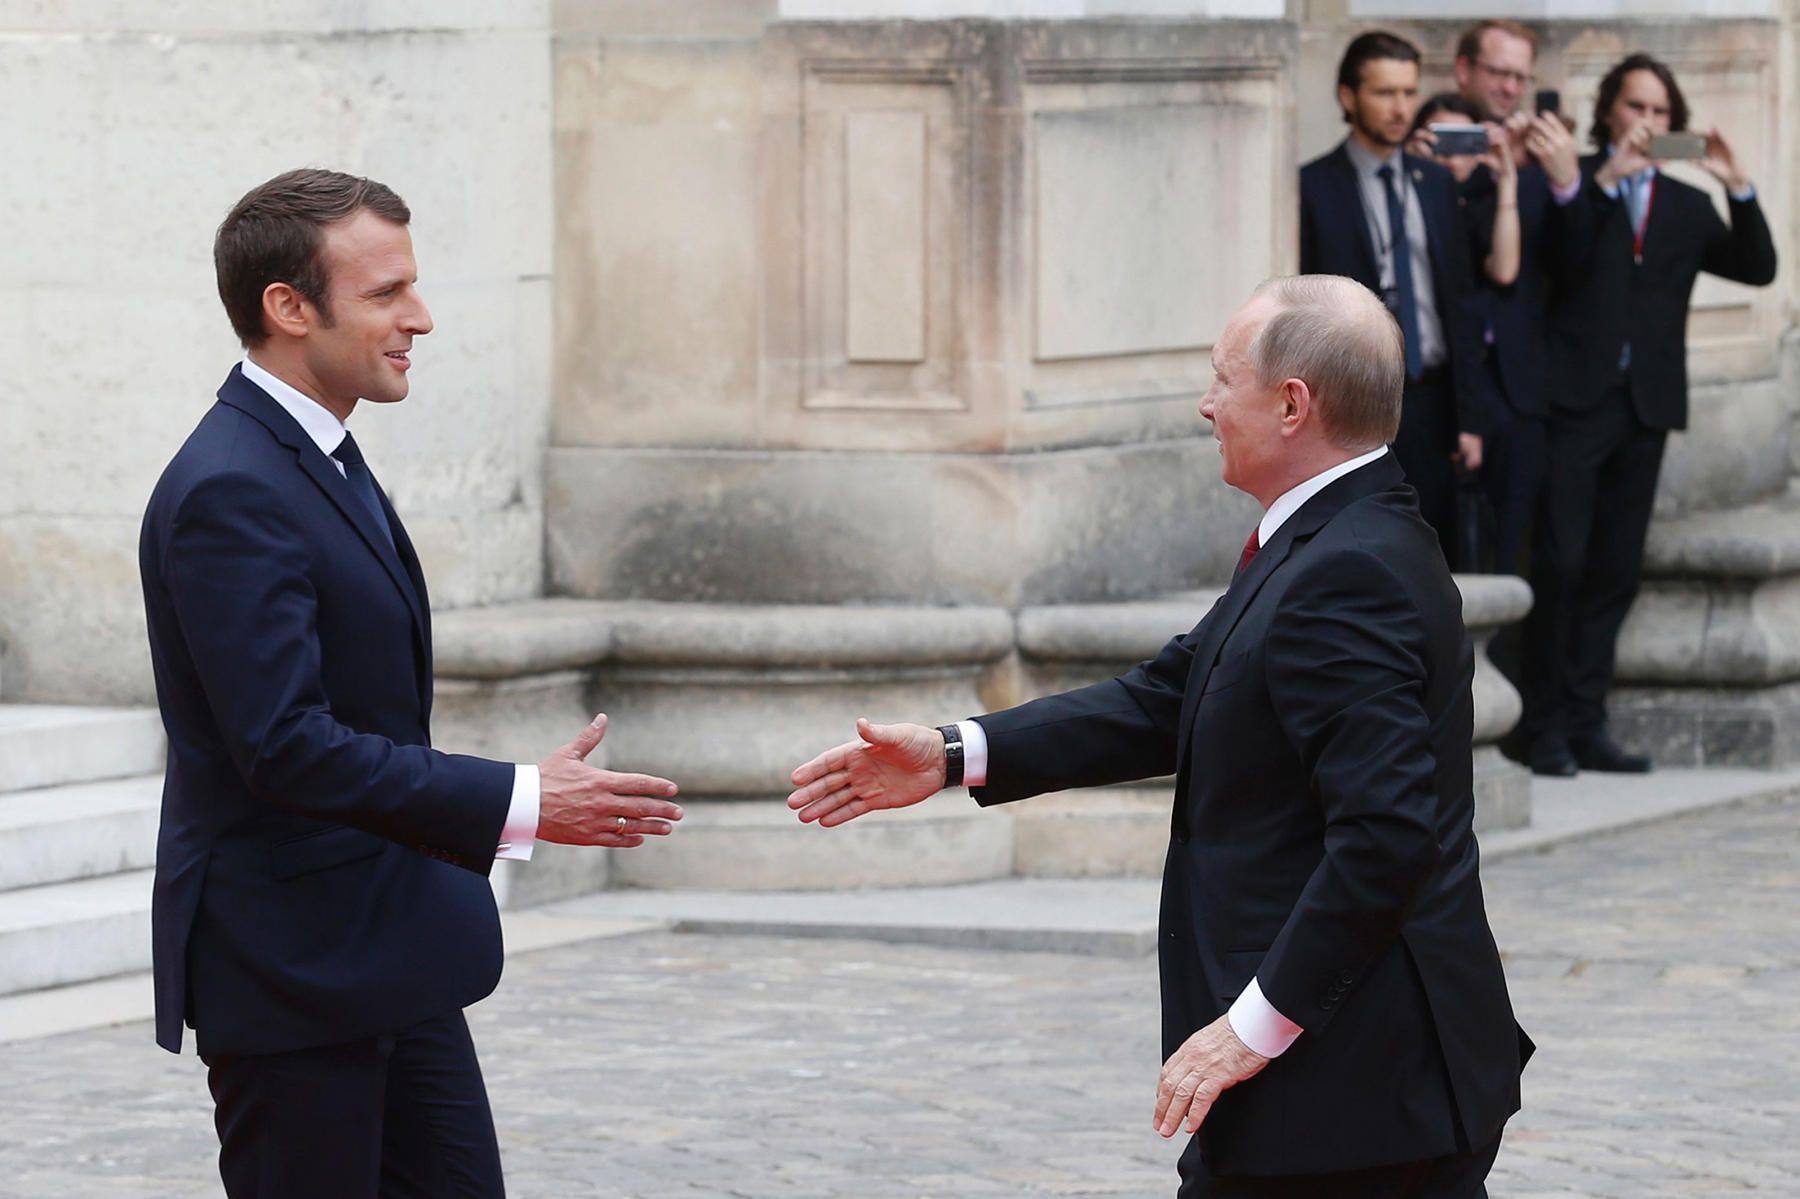 Путин прилетел напереговоры сМакроном. Фотография — Meduza